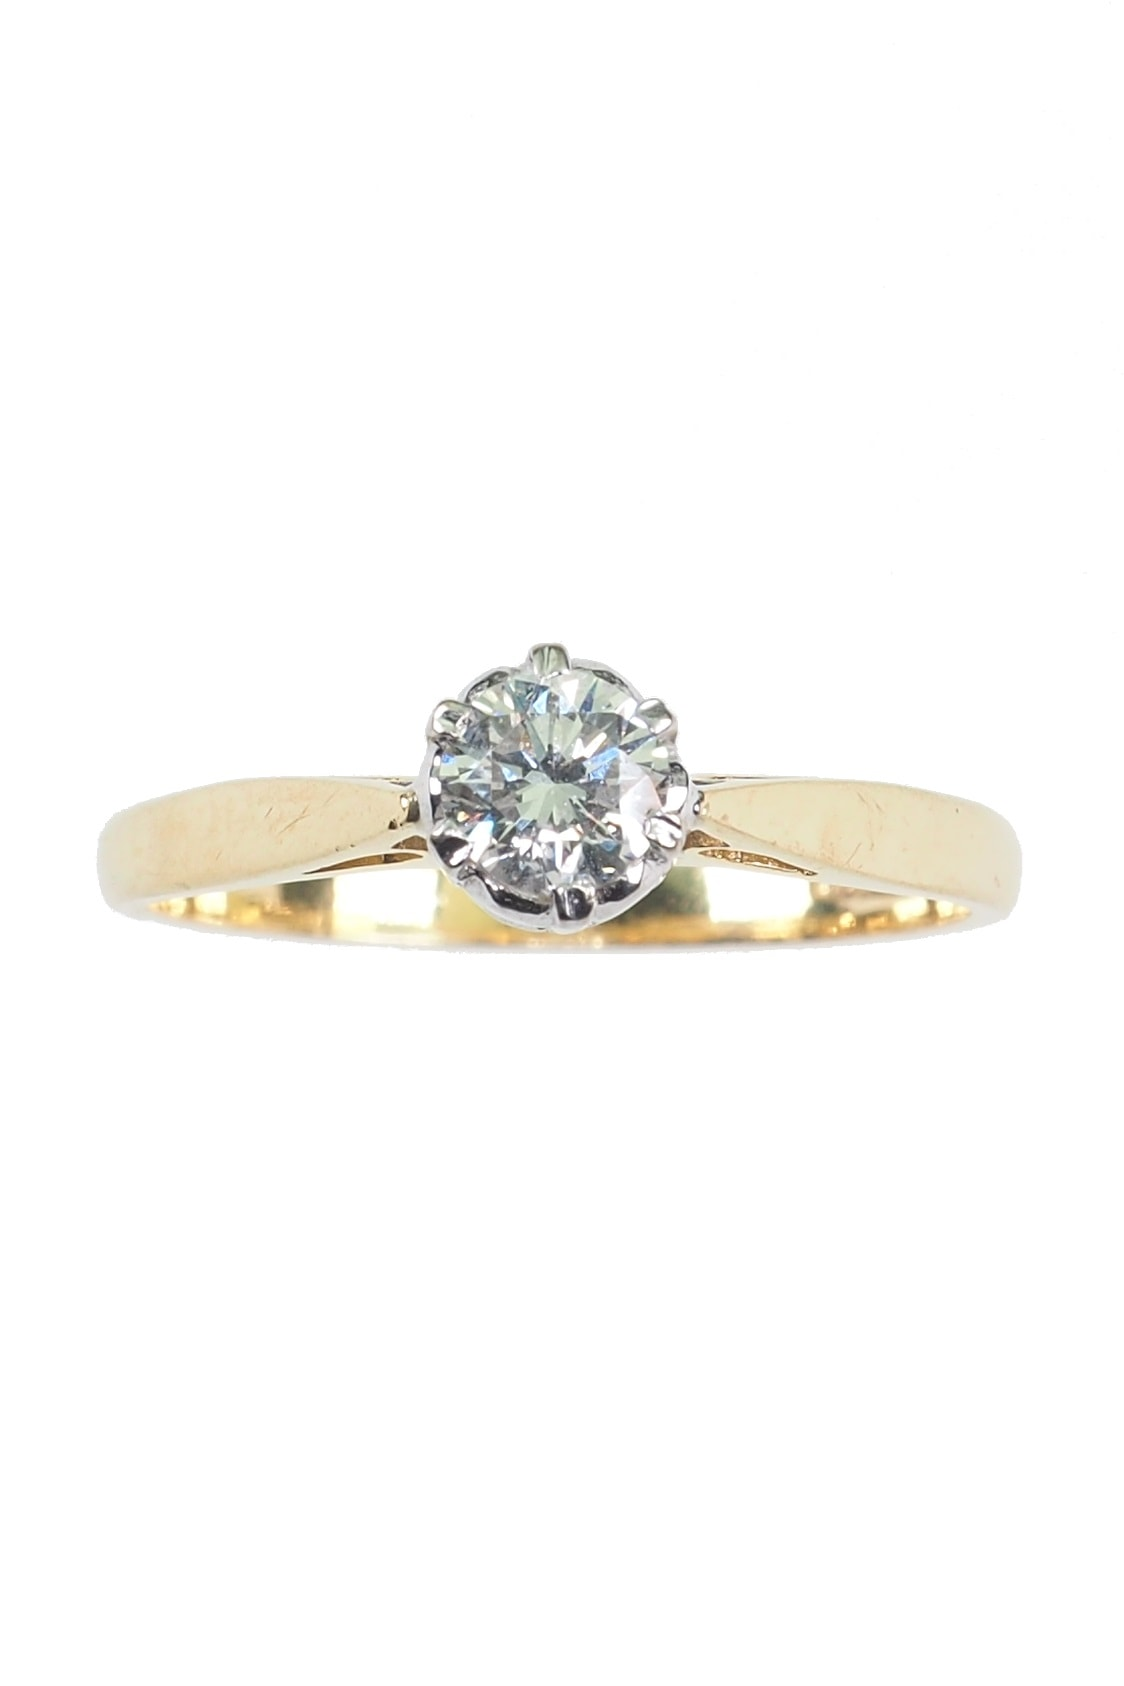 Verlobungsringe-online-kaufen-1754